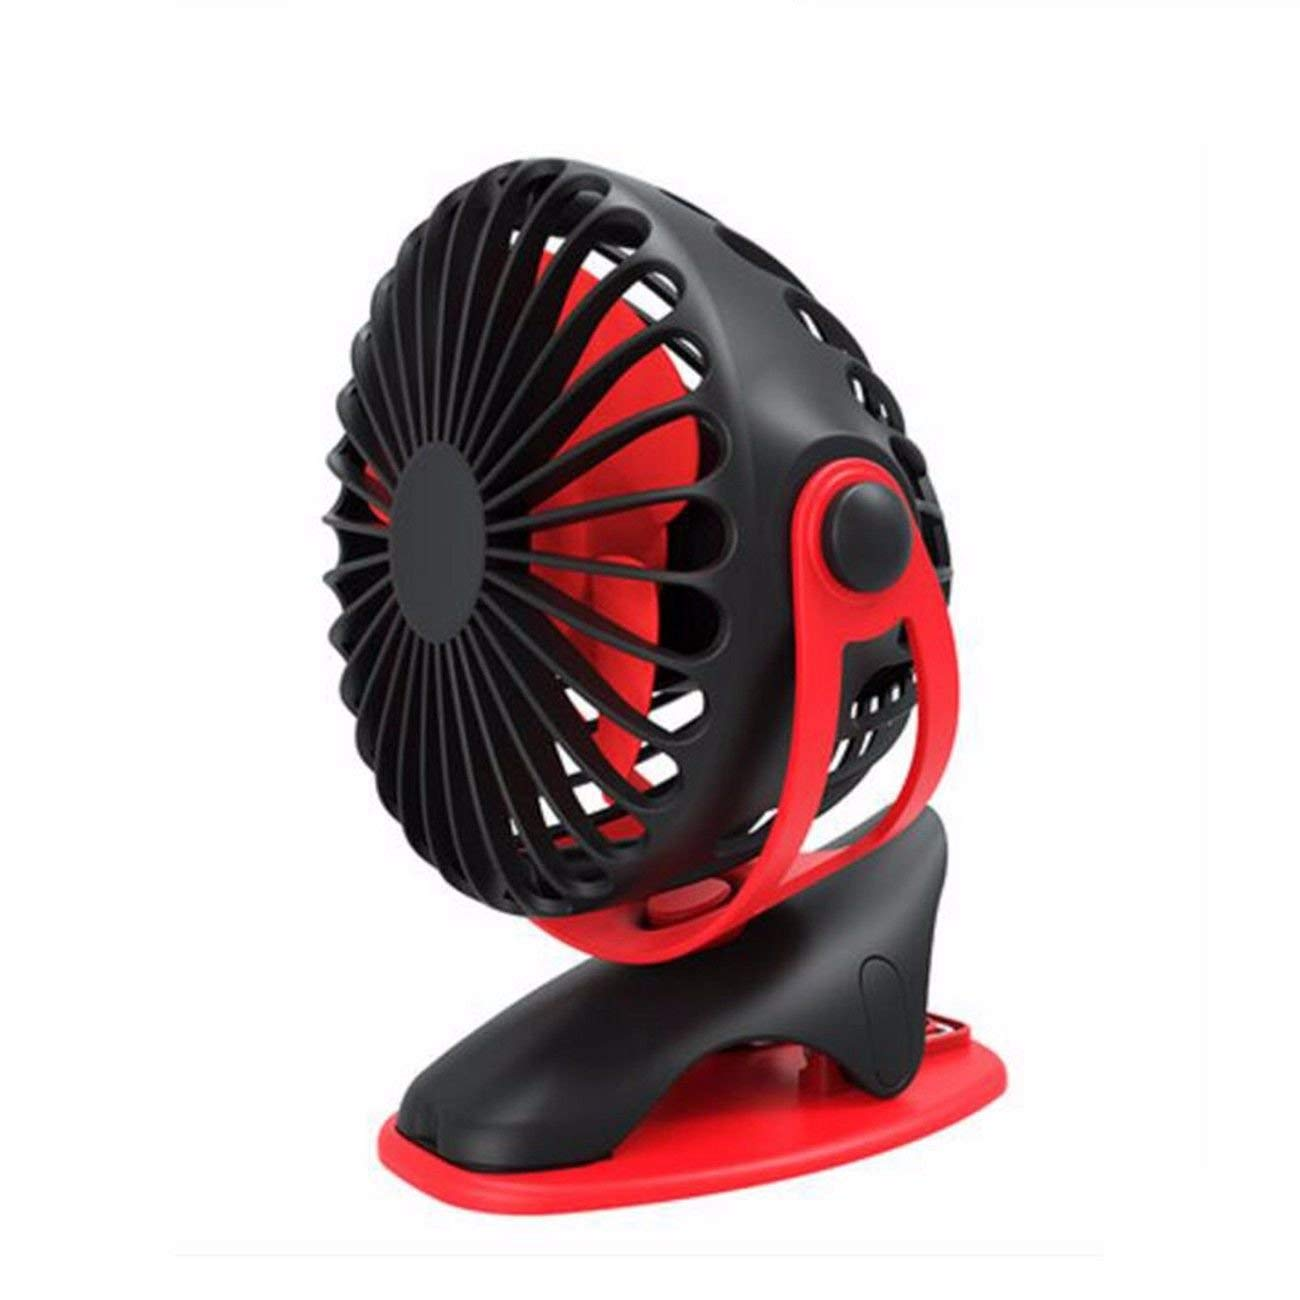 USB Desk Fan Table Fan Small fan usb mute wind force portable charging student portable USB mini car office desk holder, B